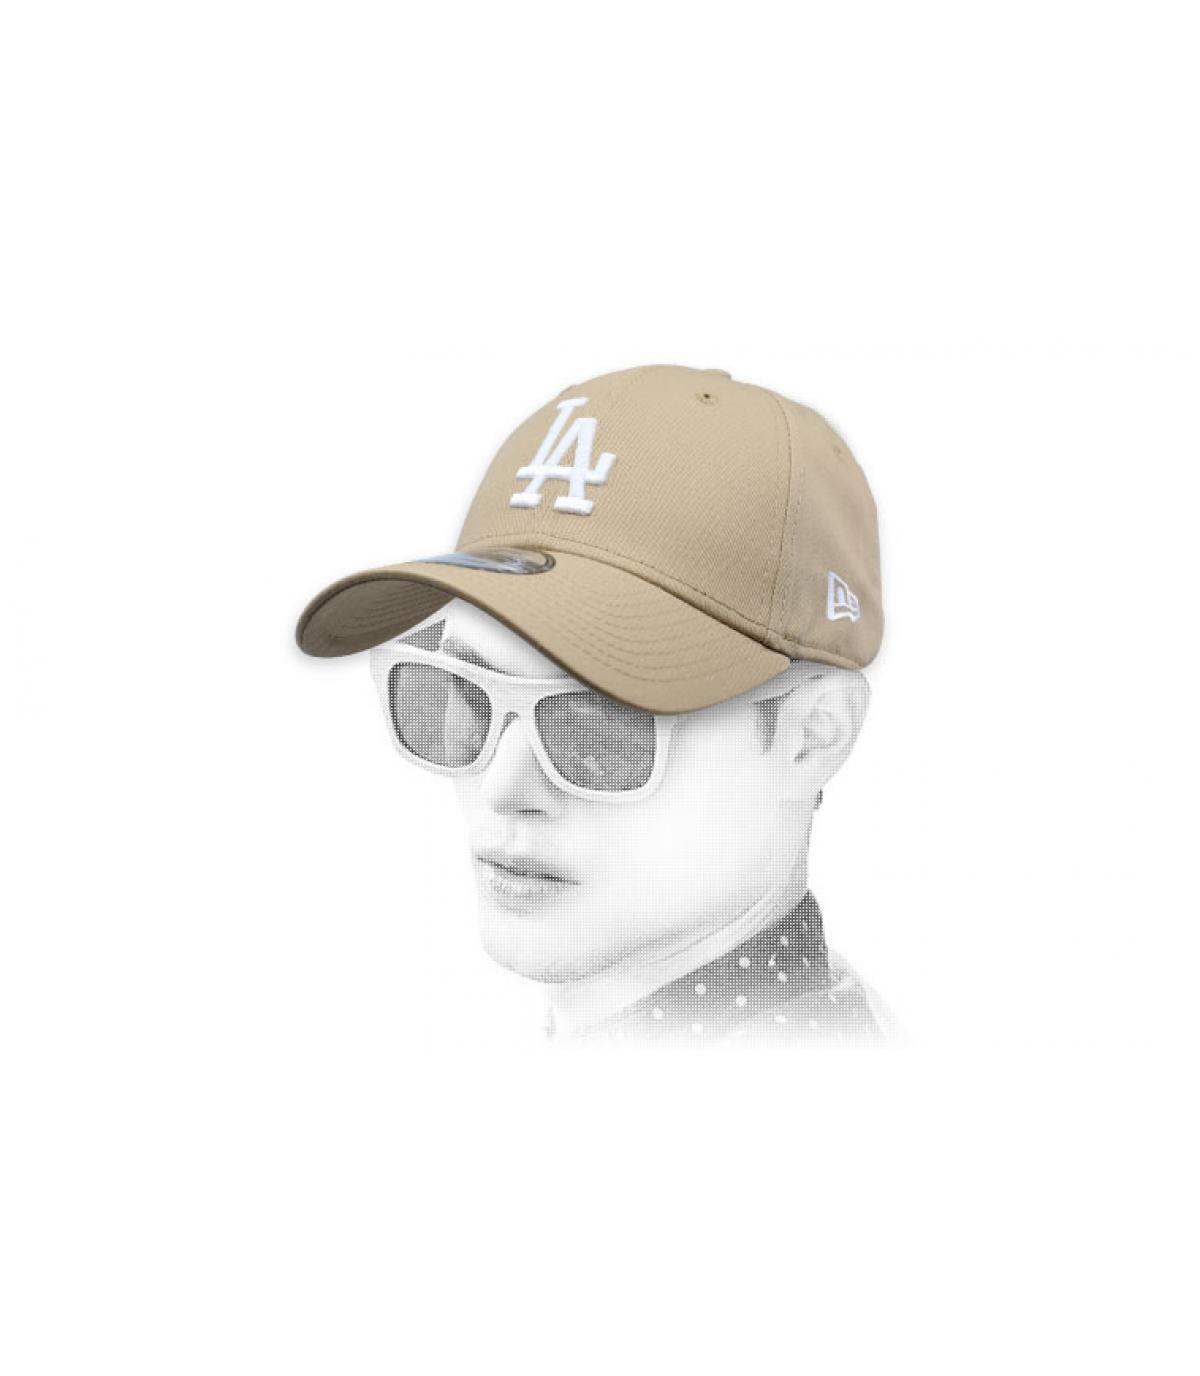 Cap LA beige